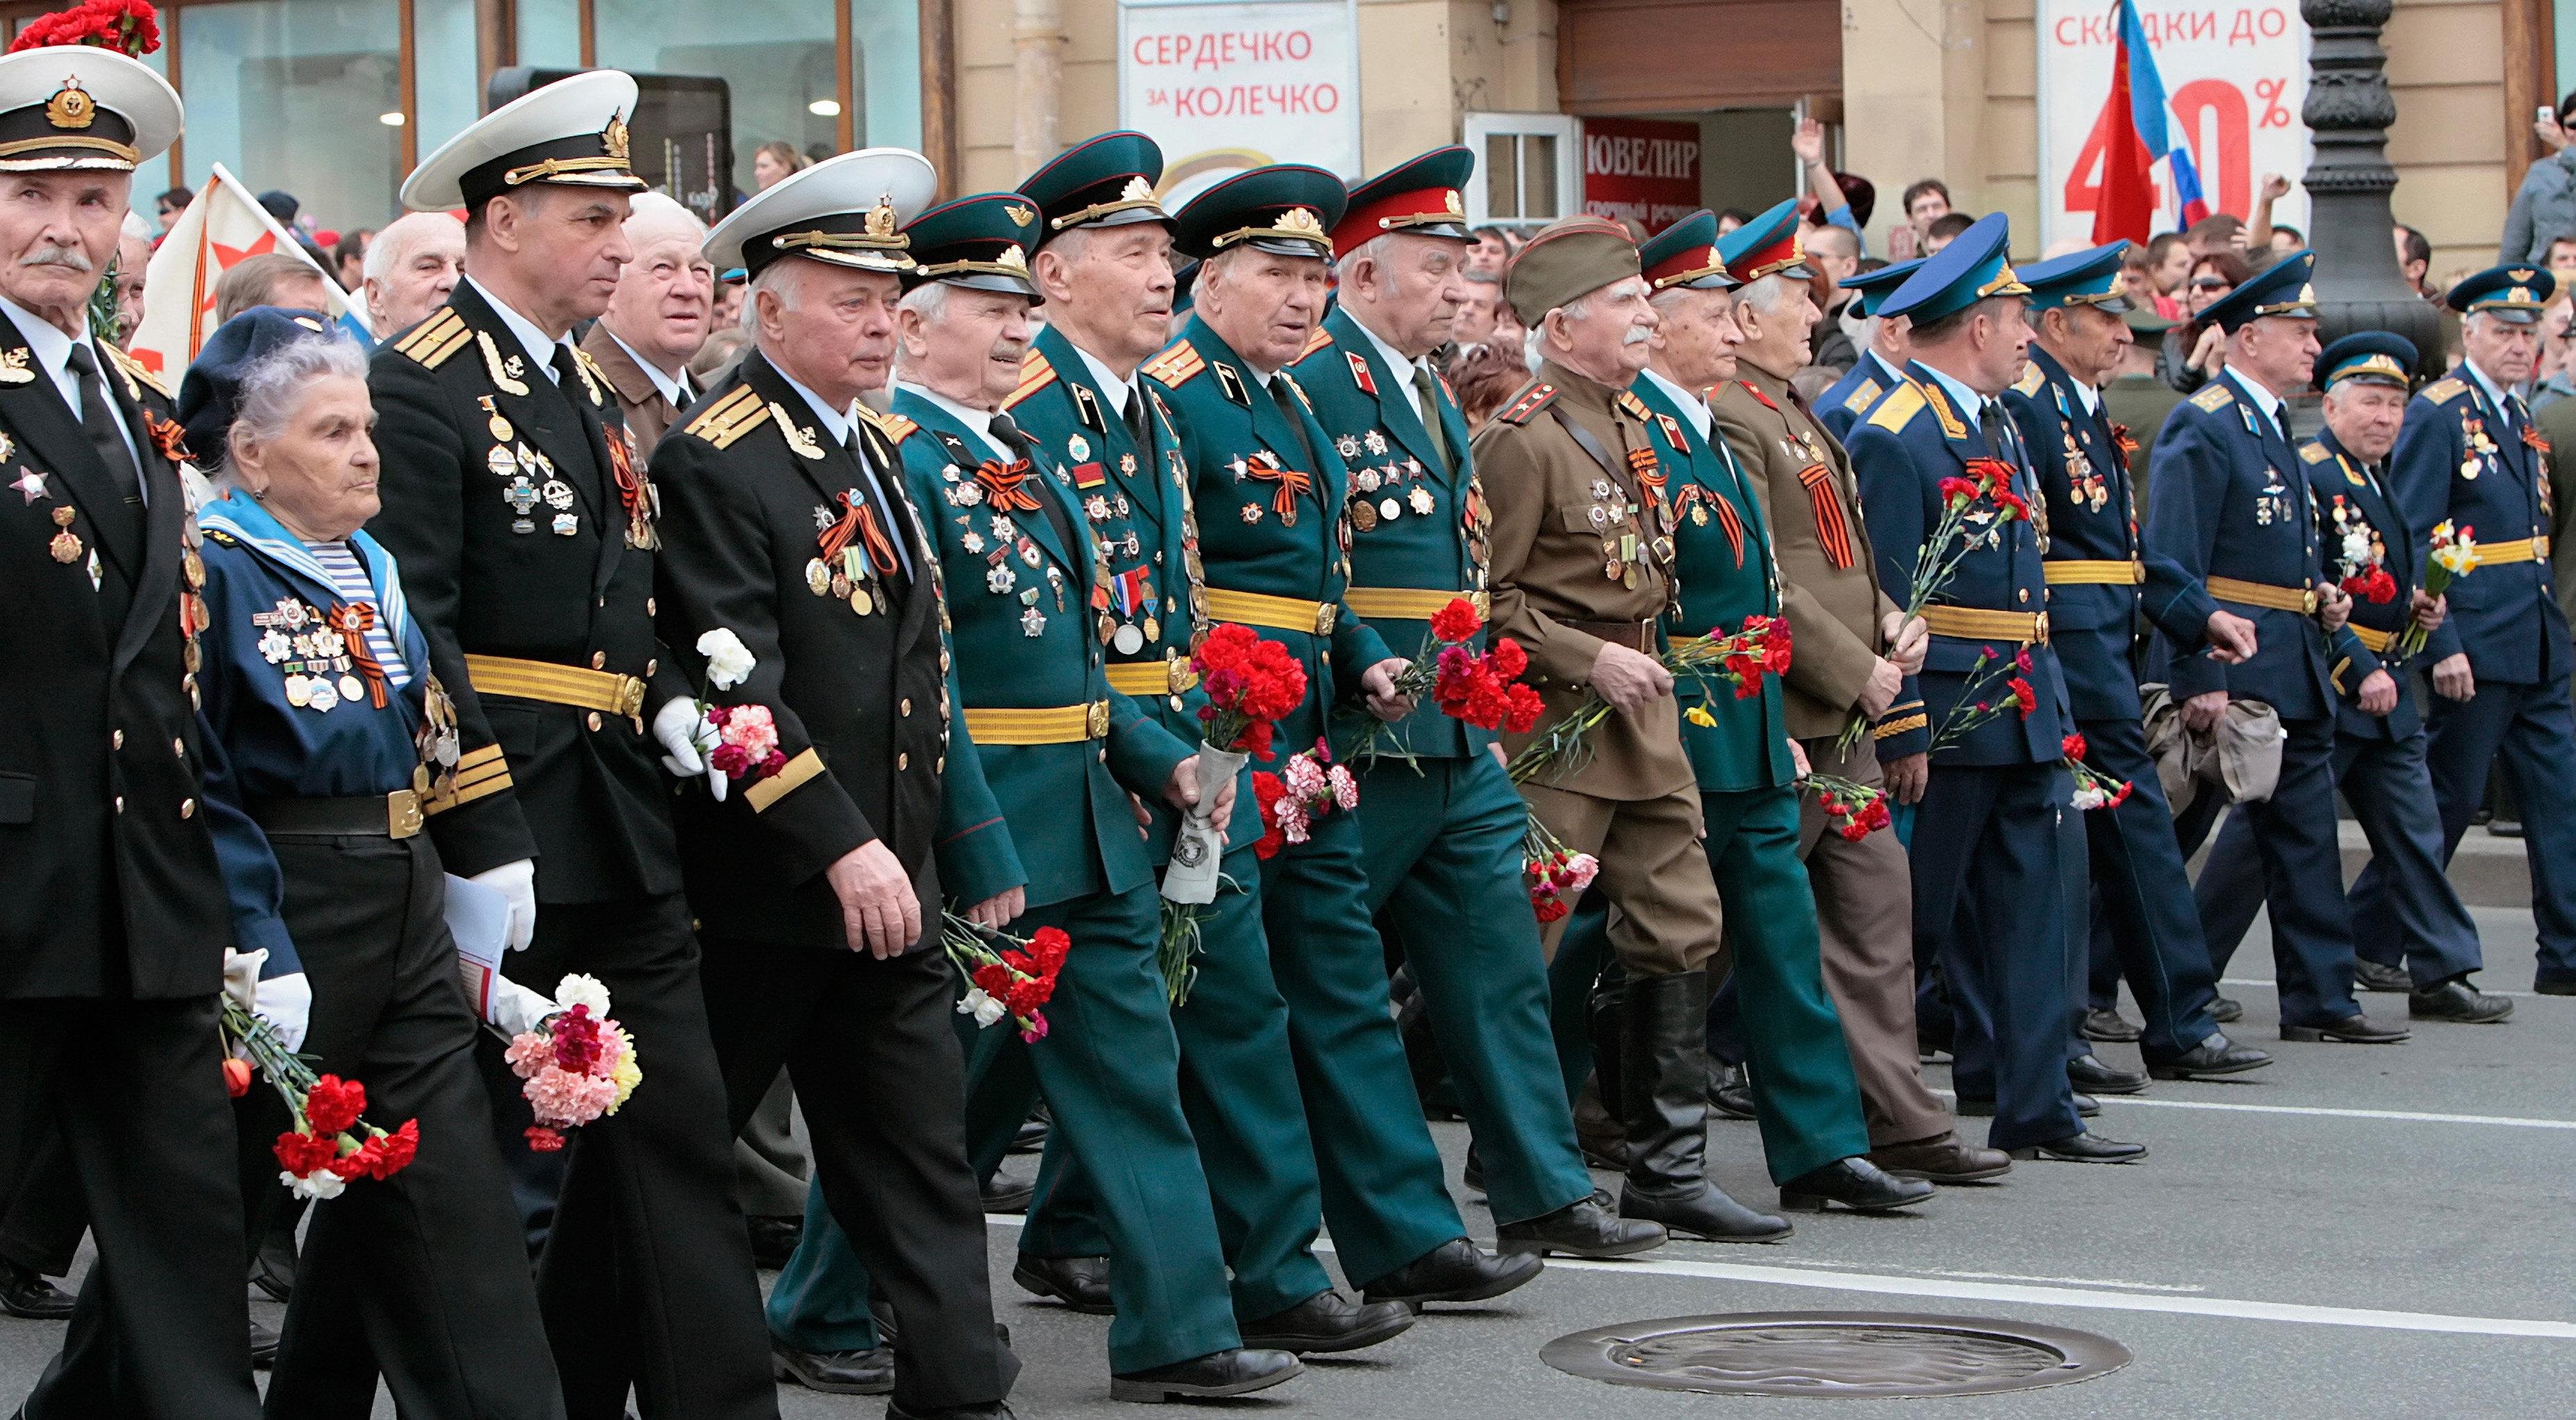 Марш ветеранов ВОВ на Невском проспекте в Санкт-Петербурге